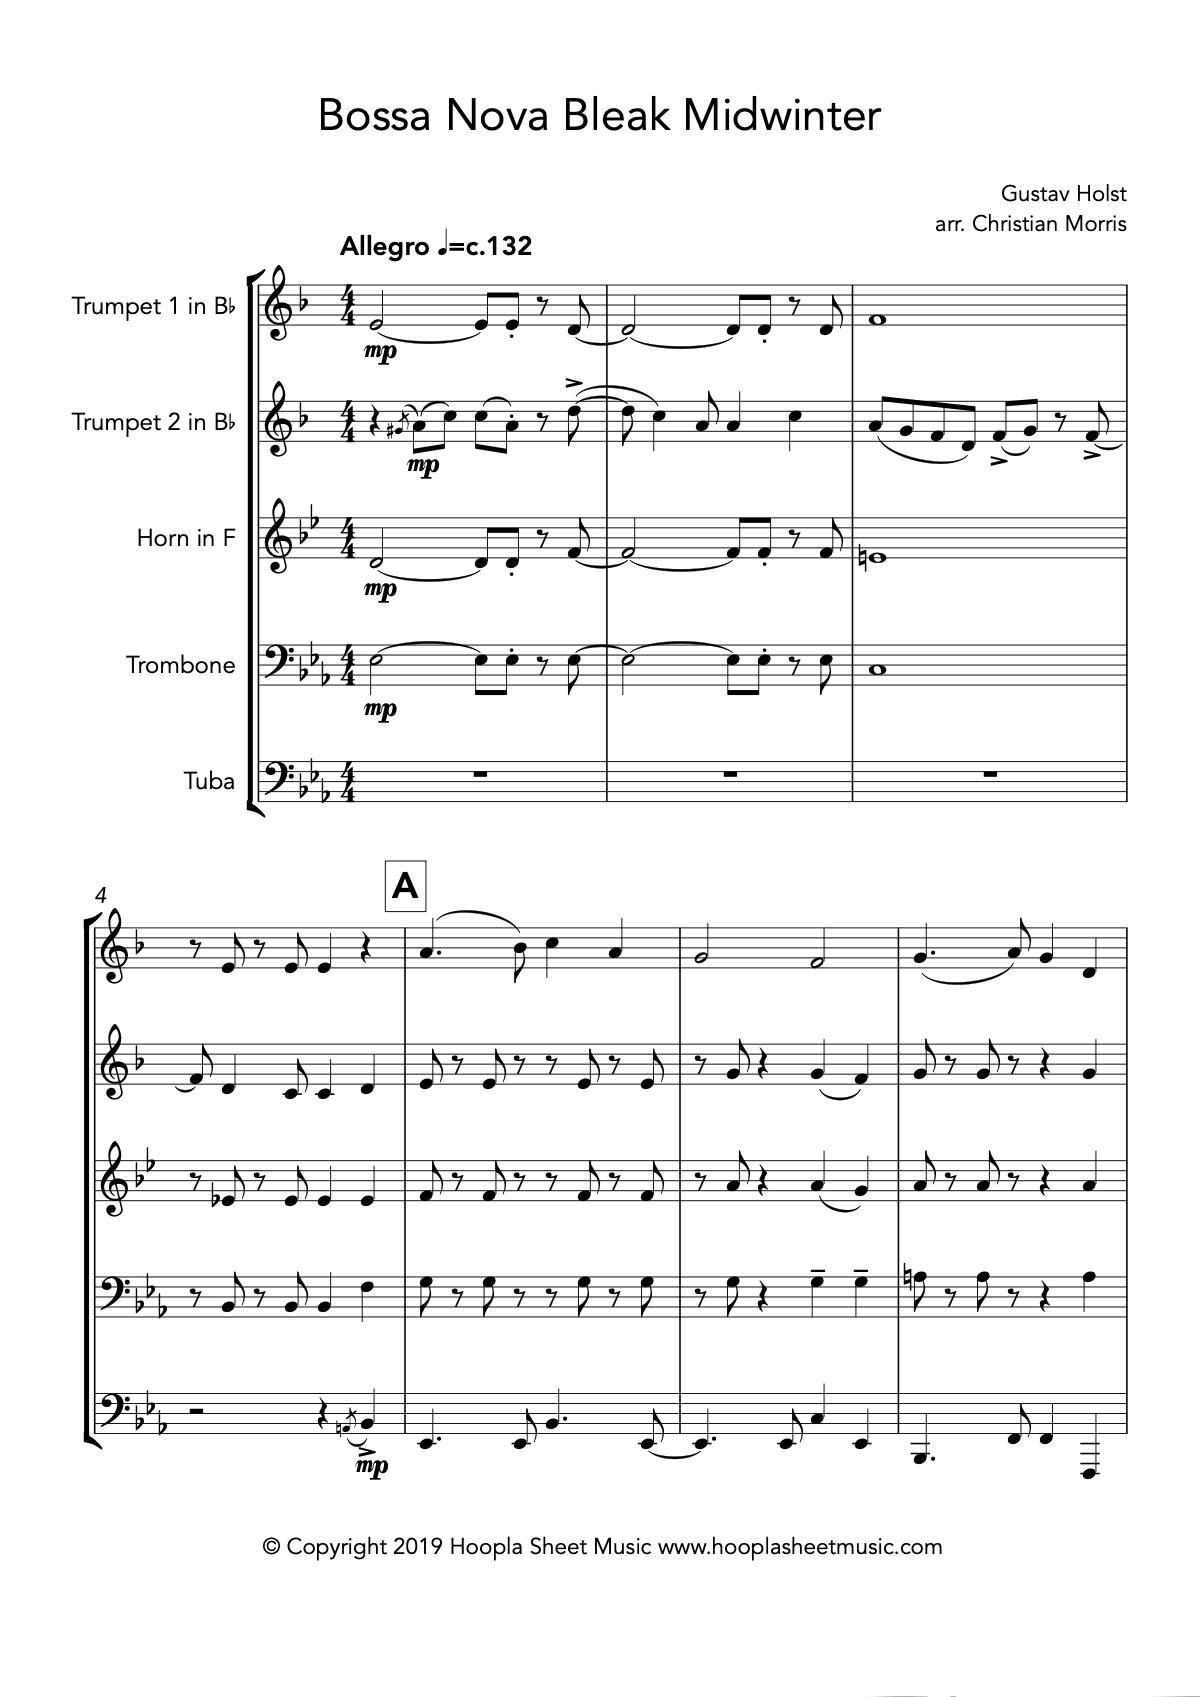 Bossa Nova Bleak Midwinter (Brass Quintet)